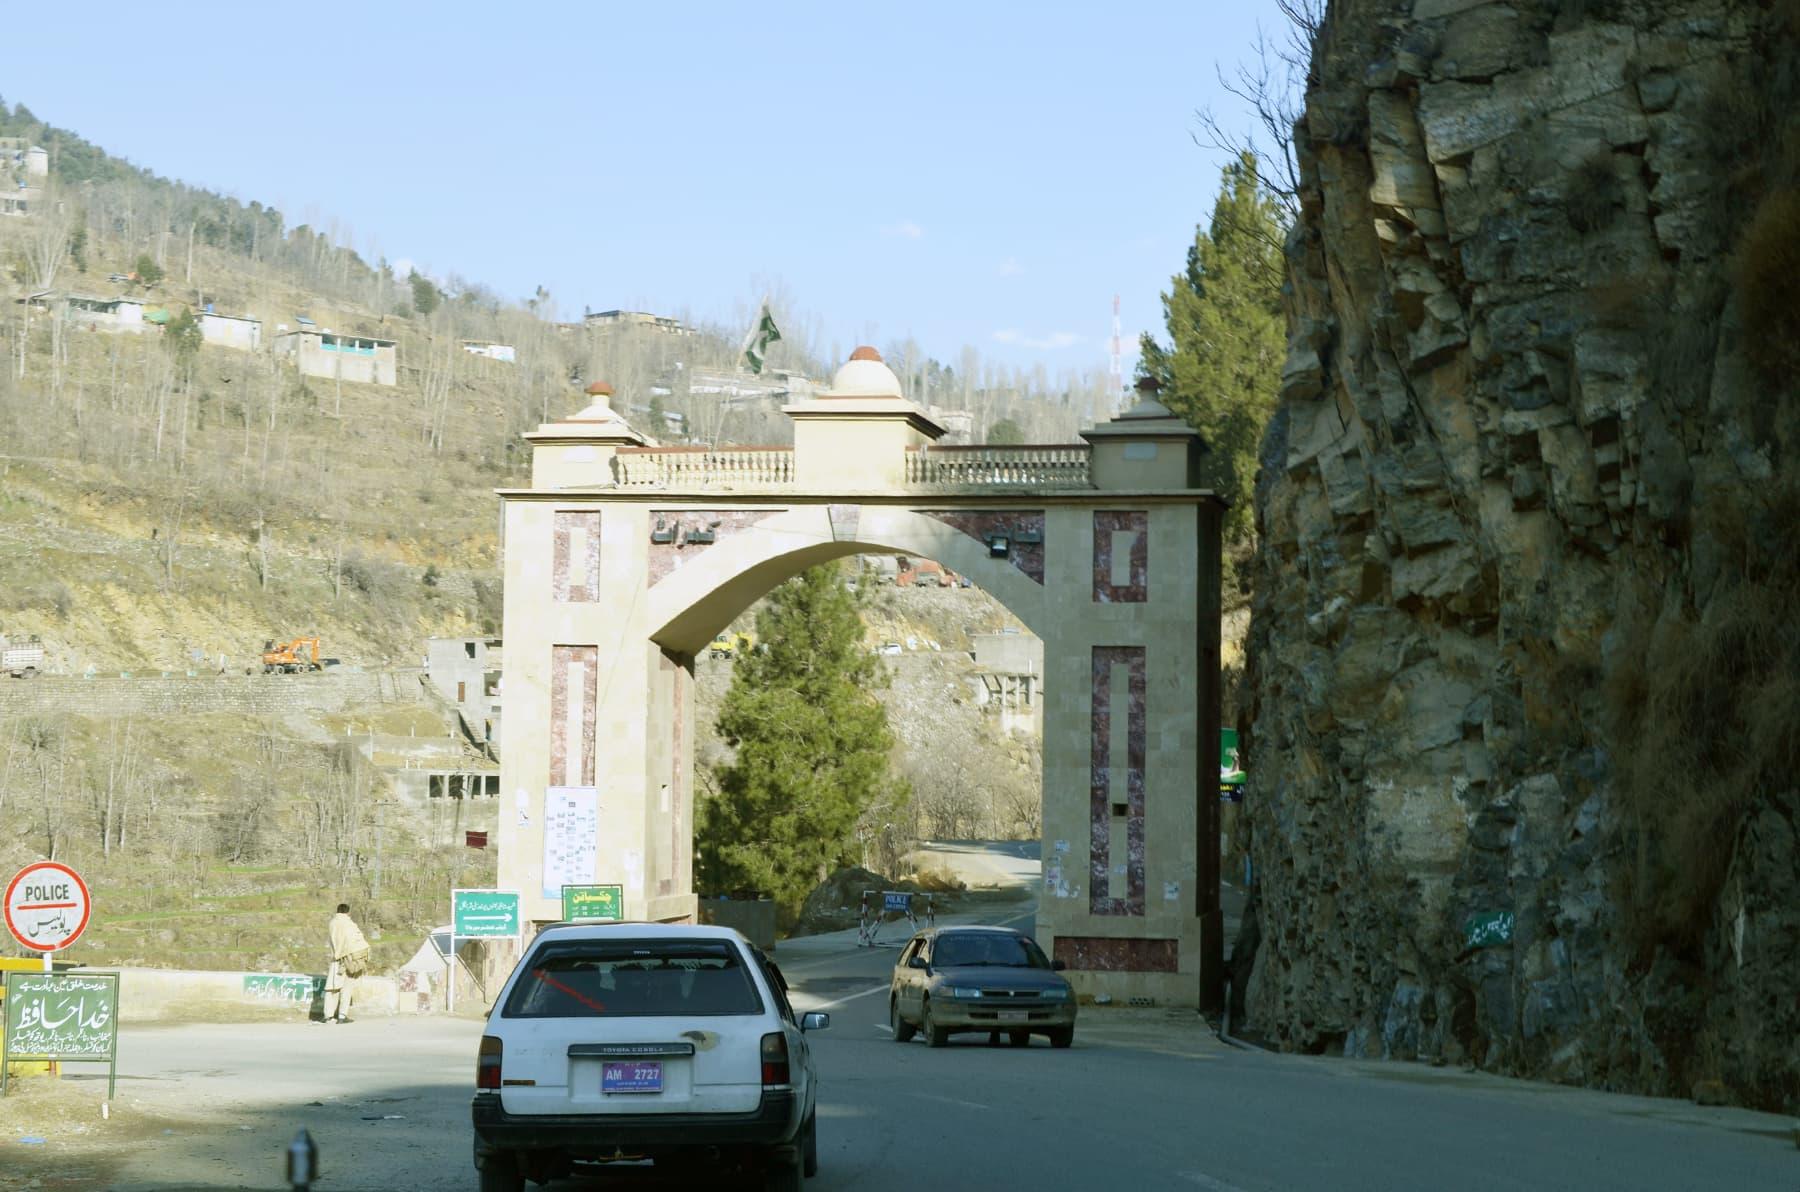 دیر اپر سے 500 میٹر قبل  یادگار فرید خان شہید (باب کمراٹ) سے شروع ہونے والی شاہراہ کے ذریعے شرینگل پہنچا جاسکتا ہے